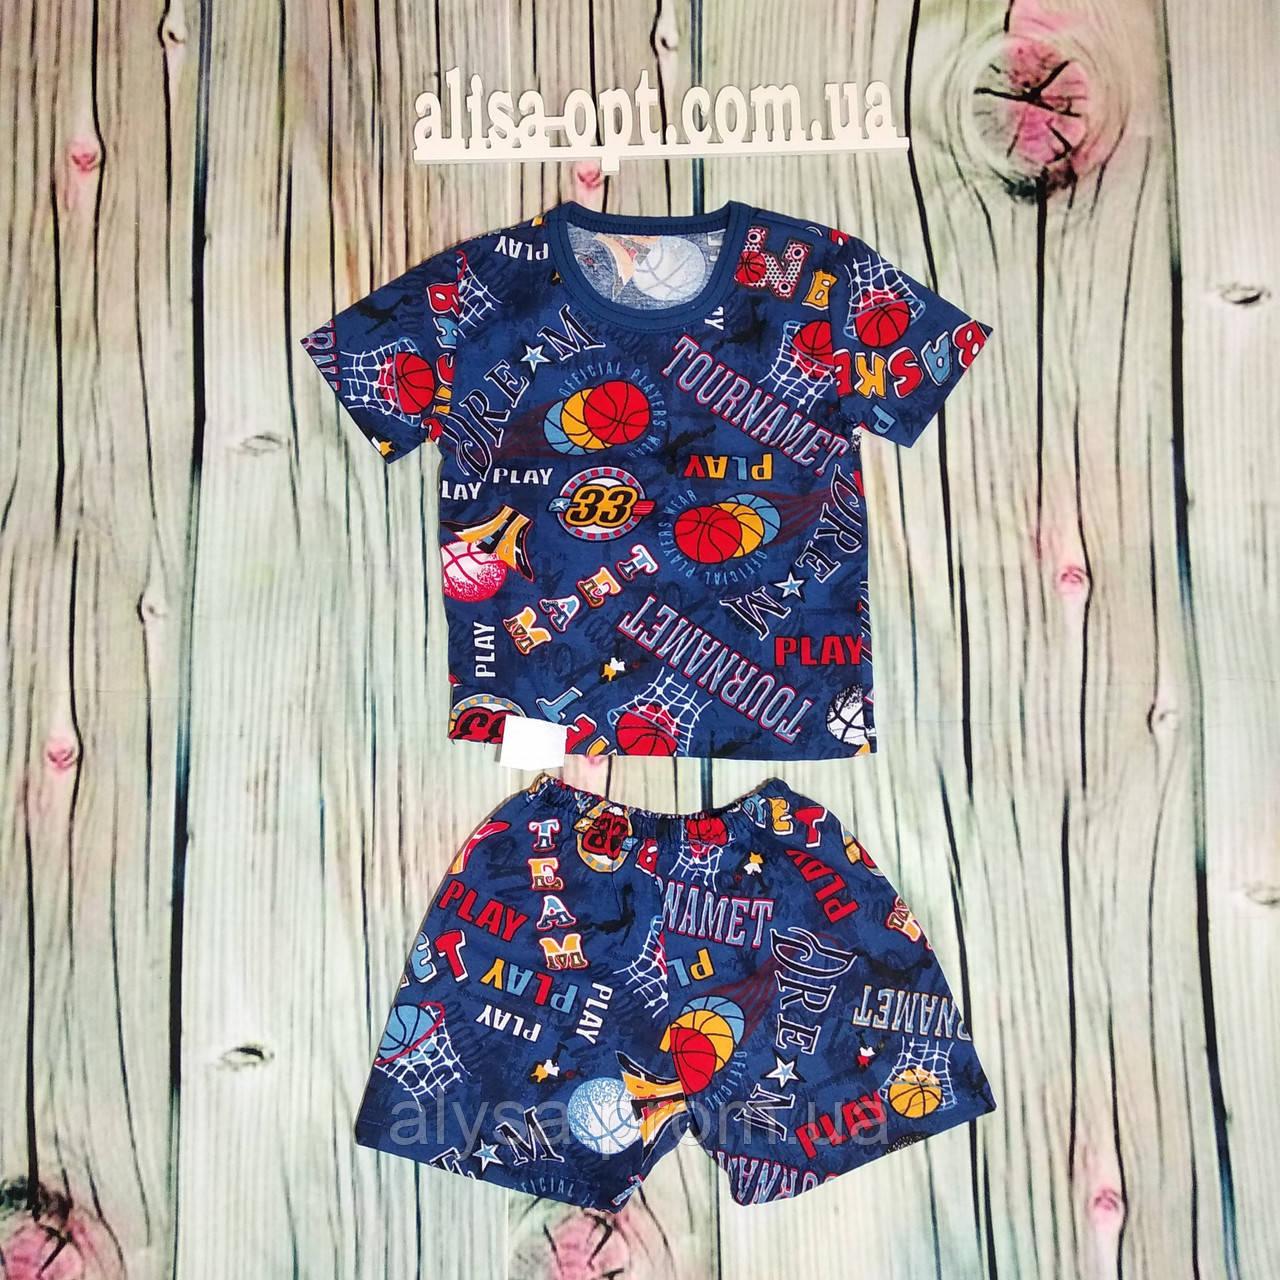 Детская футболка с шортами цветные (кулир)